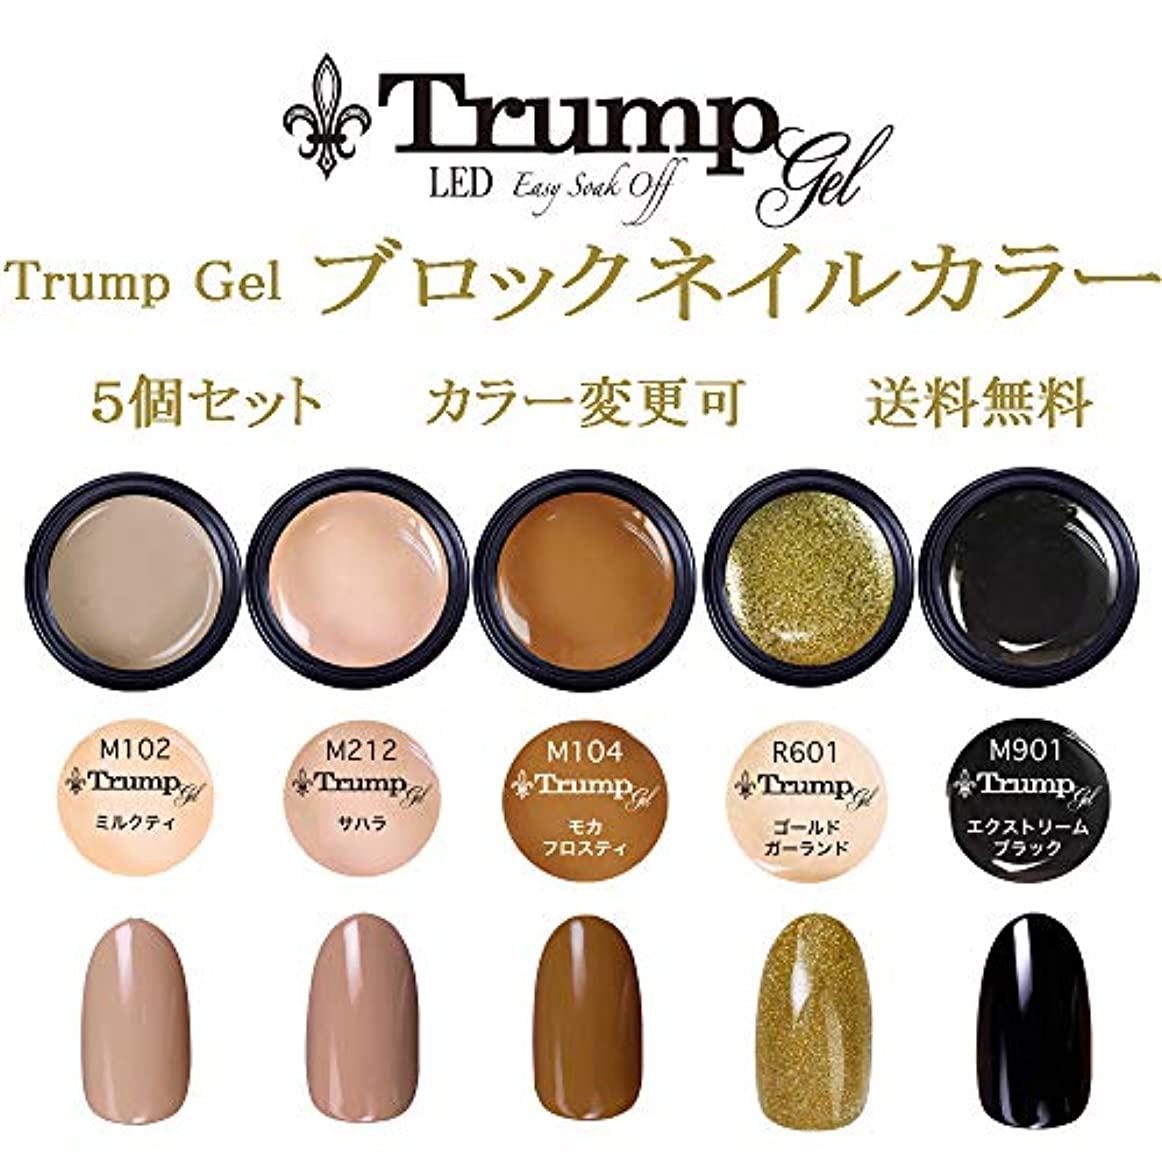 アメリカ引用啓発する日本製 Trump gel トランプジェル ブロックネイル 選べる カラージェル 5個セット ゴールド ラメ ブラウン ブラック ピンク ベージュ